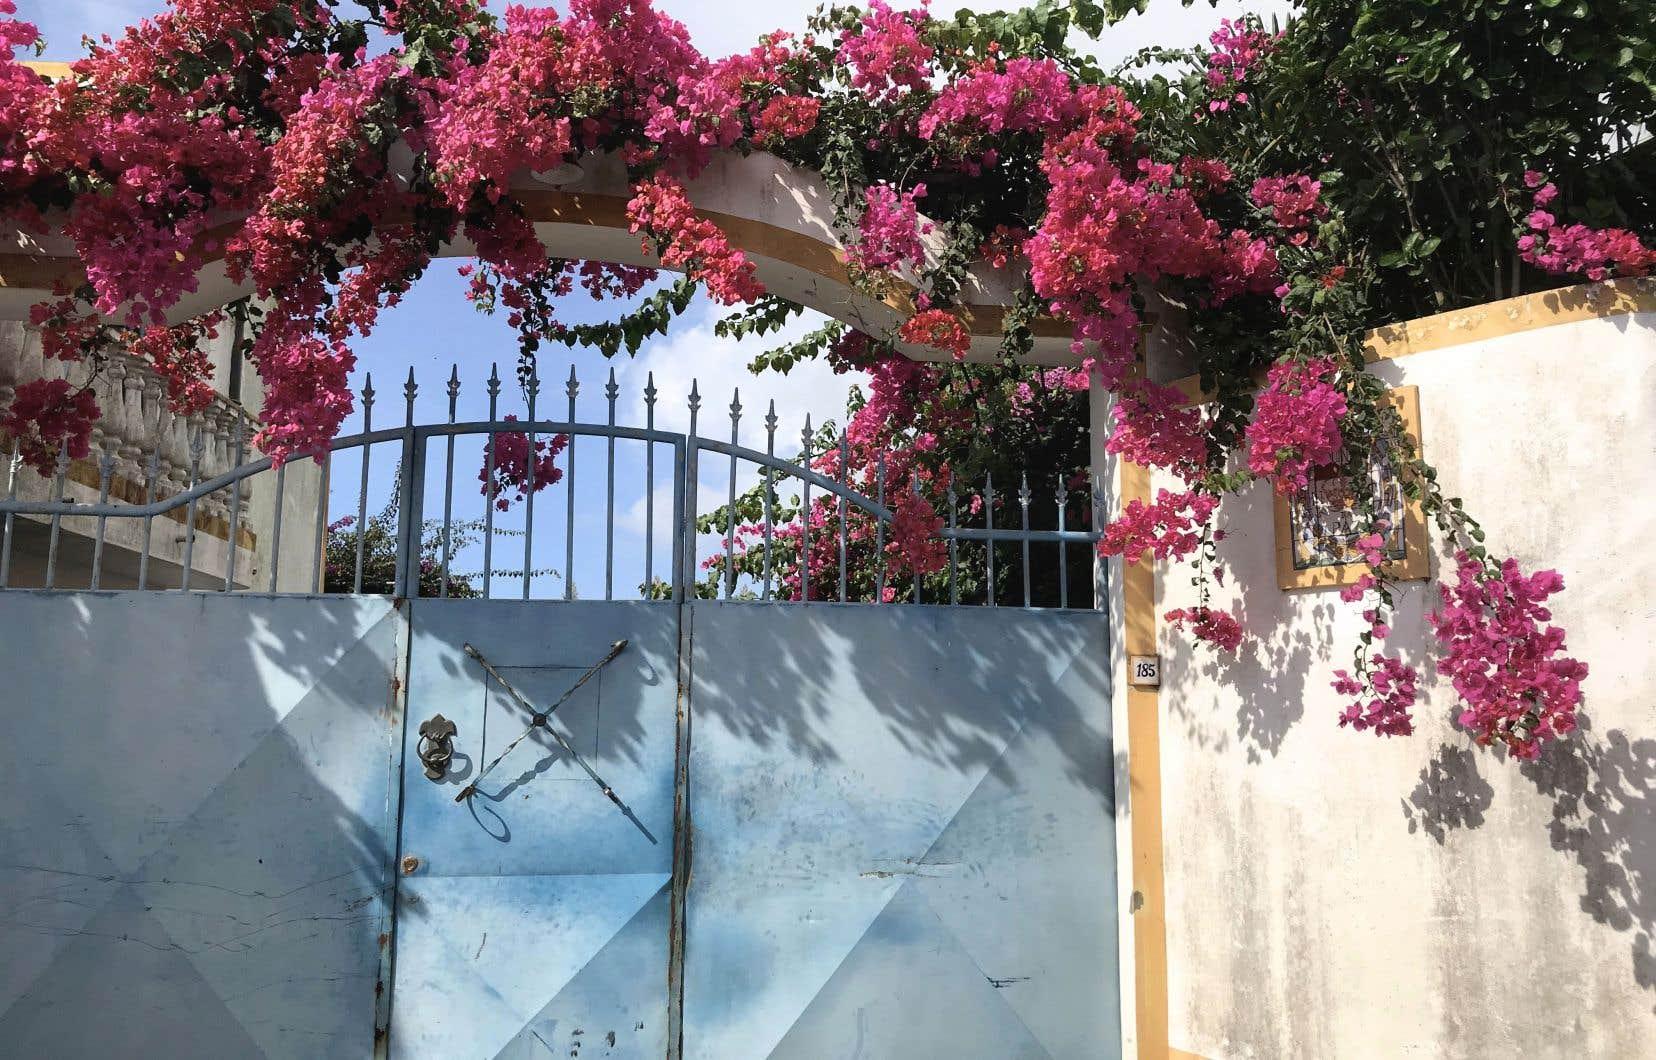 Un joli portail croulant sous les bougainvilliers sur l'île de São Miguel